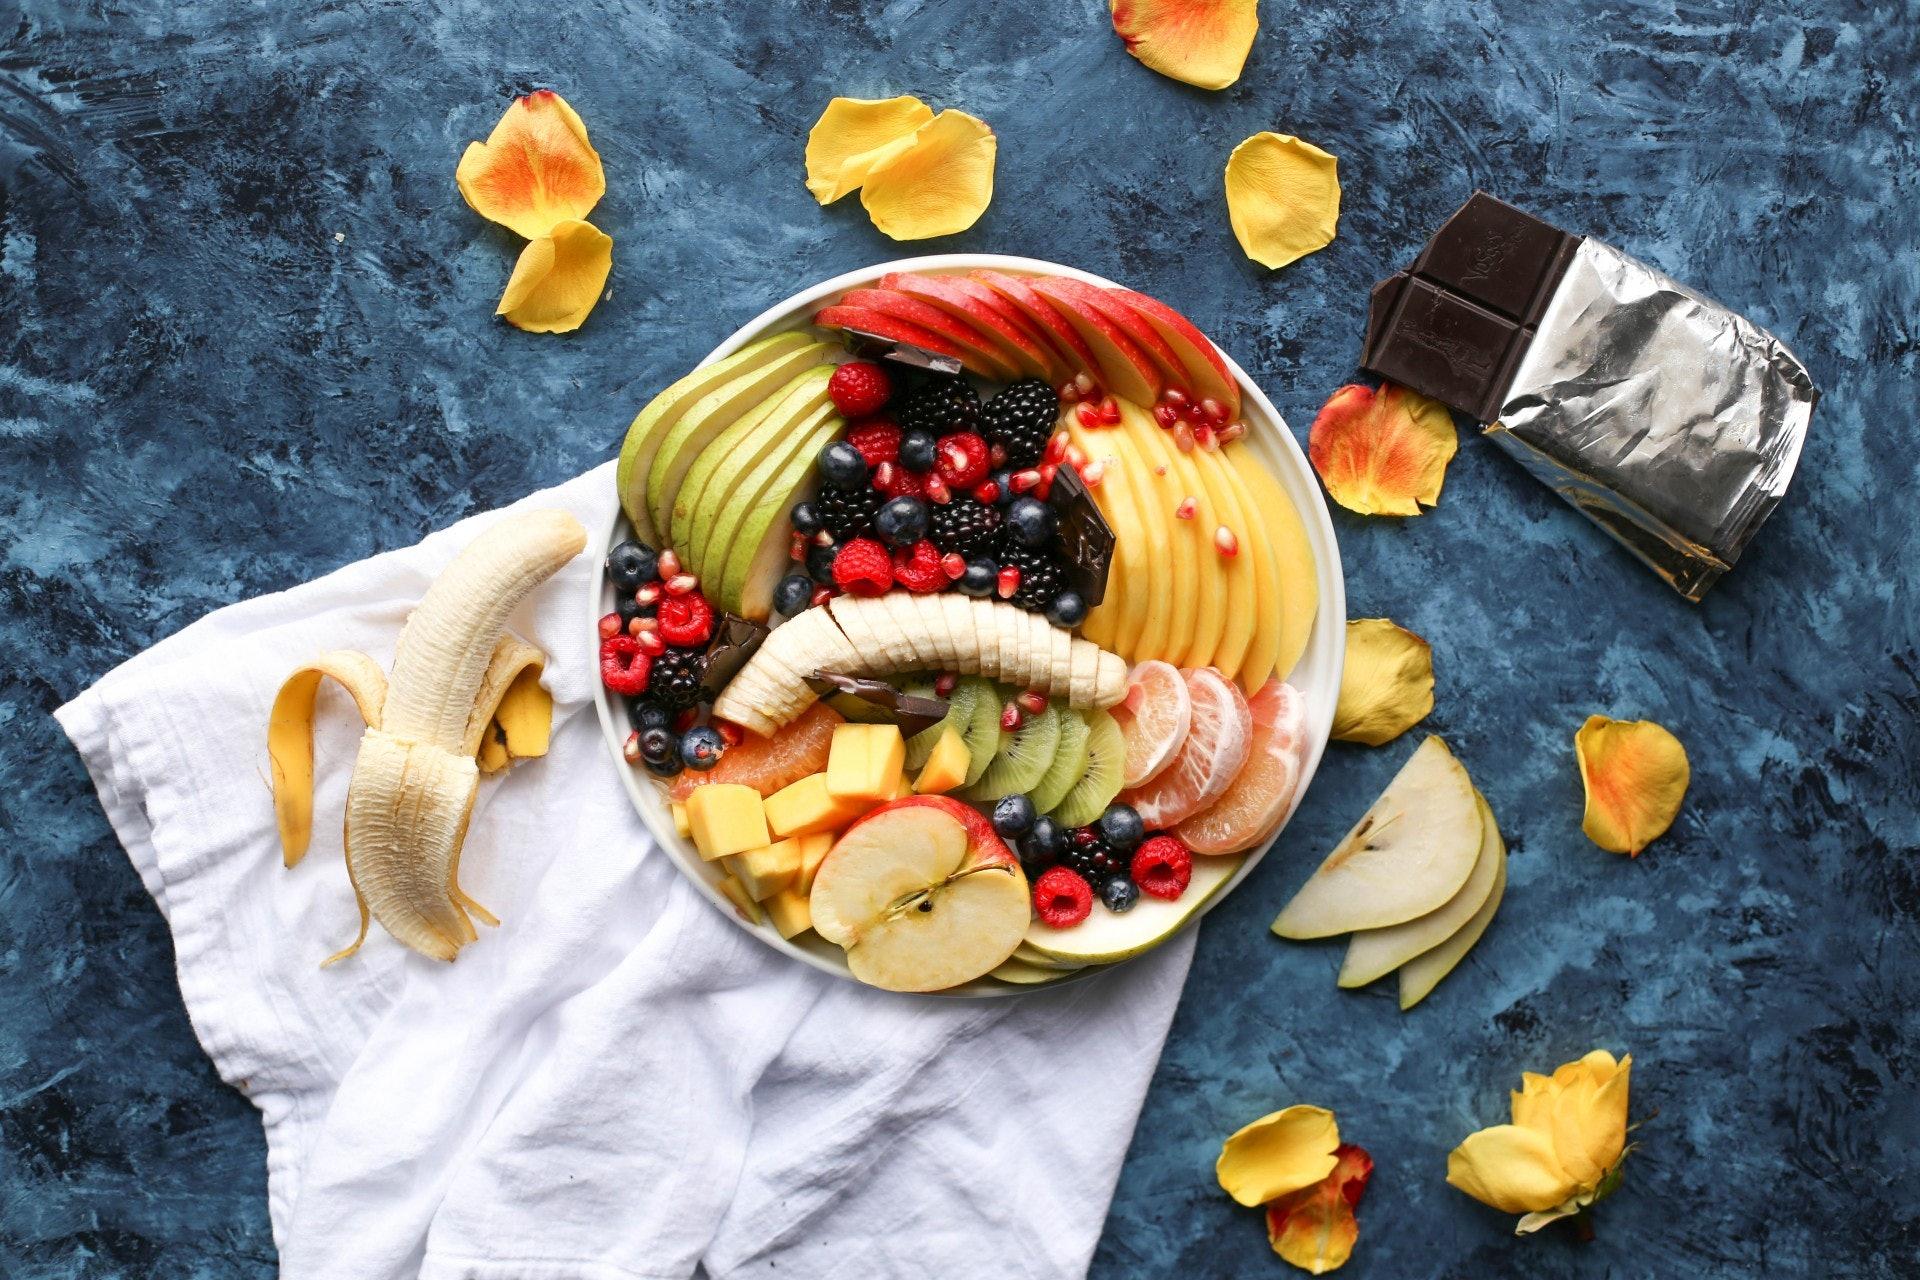 隔天斷食法(Alternate Day Fasting)是其中一種間歇性斷食法(Intermettent Fasting)。要在個週期內進行斷食及進食的循環,延長身體消耗脂肪的時間,增強脂肪代謝,達到減肥之效。(Photo by Brenda Godinez on Unsplash)